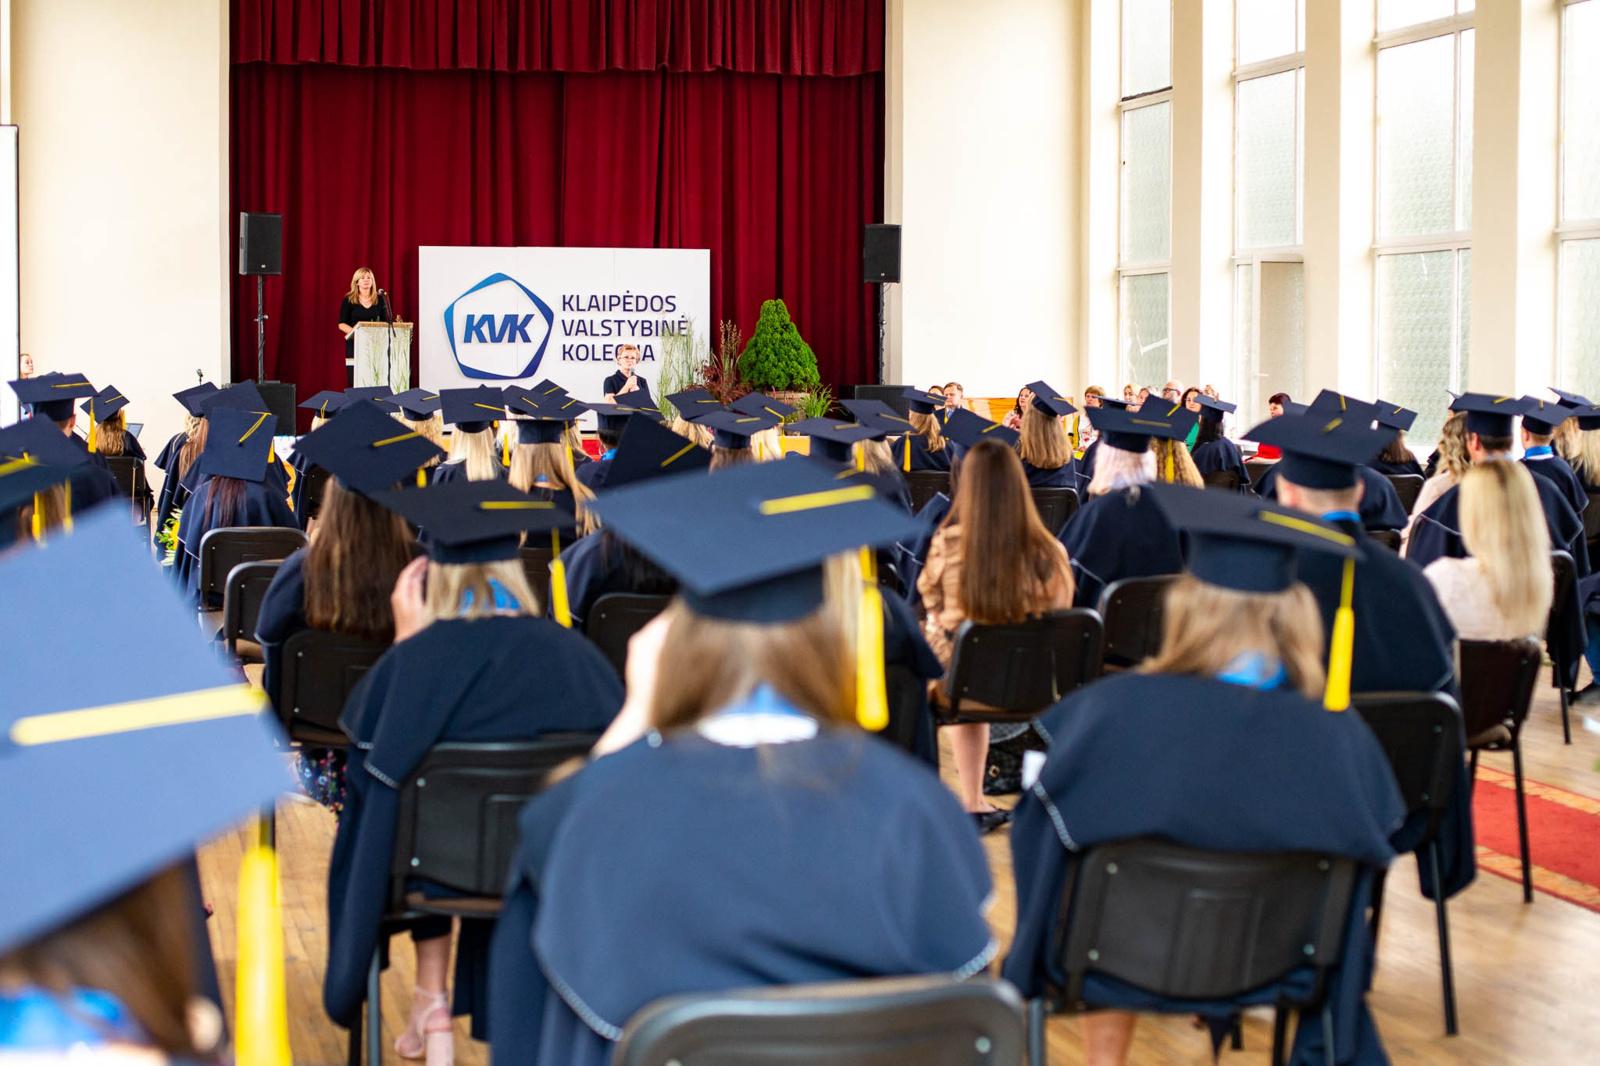 Klaipėdos valstybinės kolegijos absolventams – profesinio bakalauro diplomai